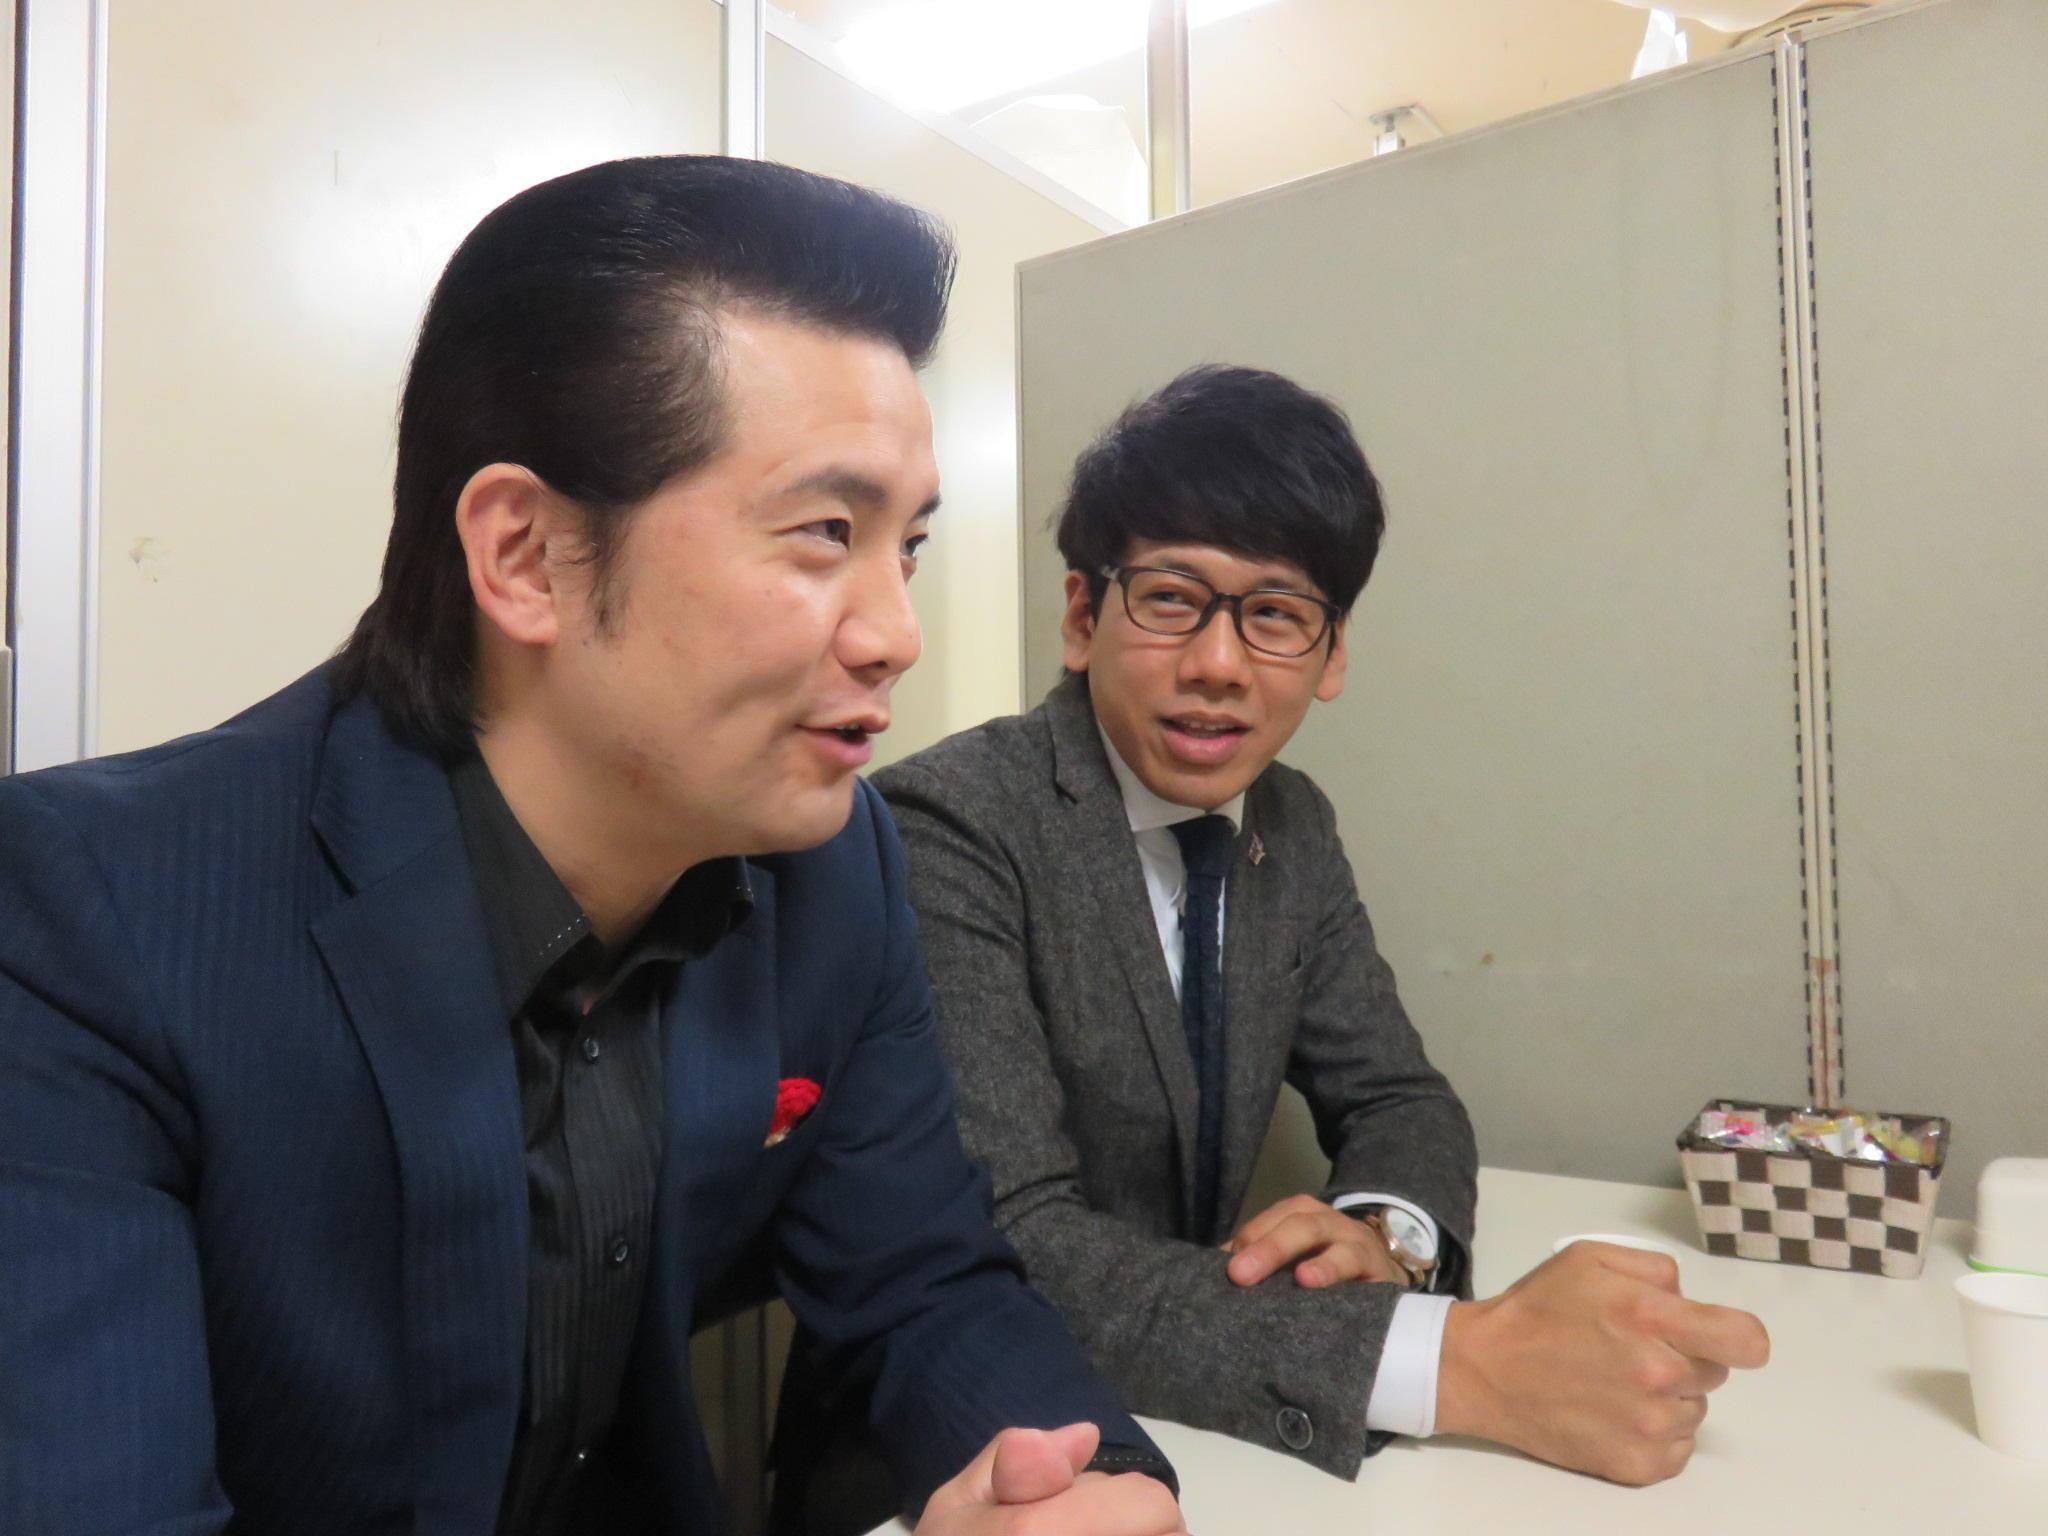 http://news.yoshimoto.co.jp/20161223164139-0ae1fee60e7c062e783ed84a3a6219a310d1d031.jpg